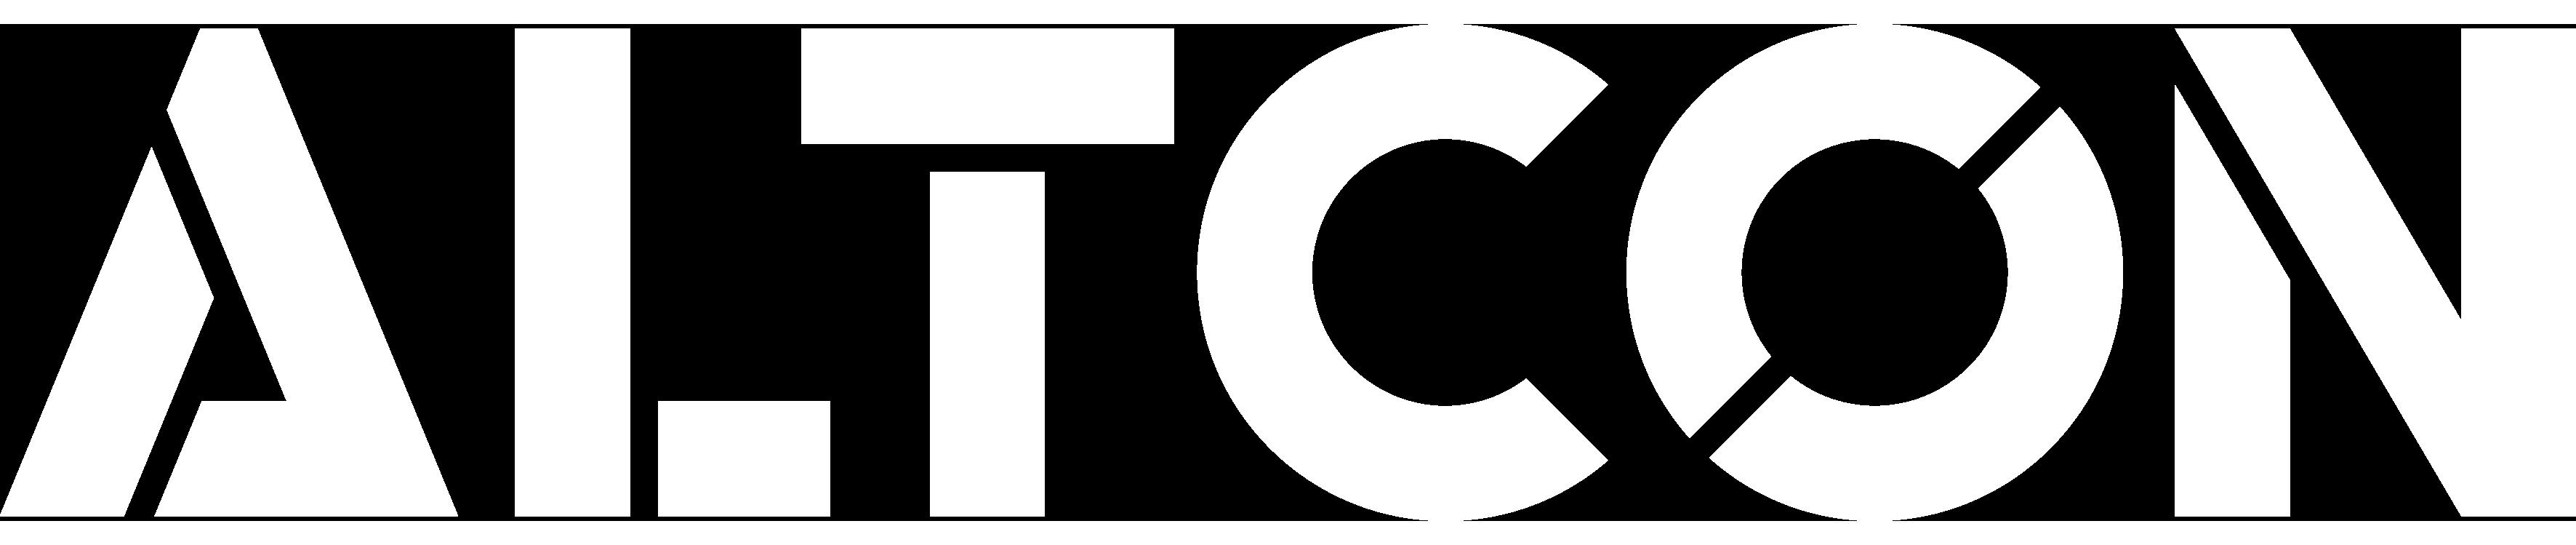 altcon-footer-logo